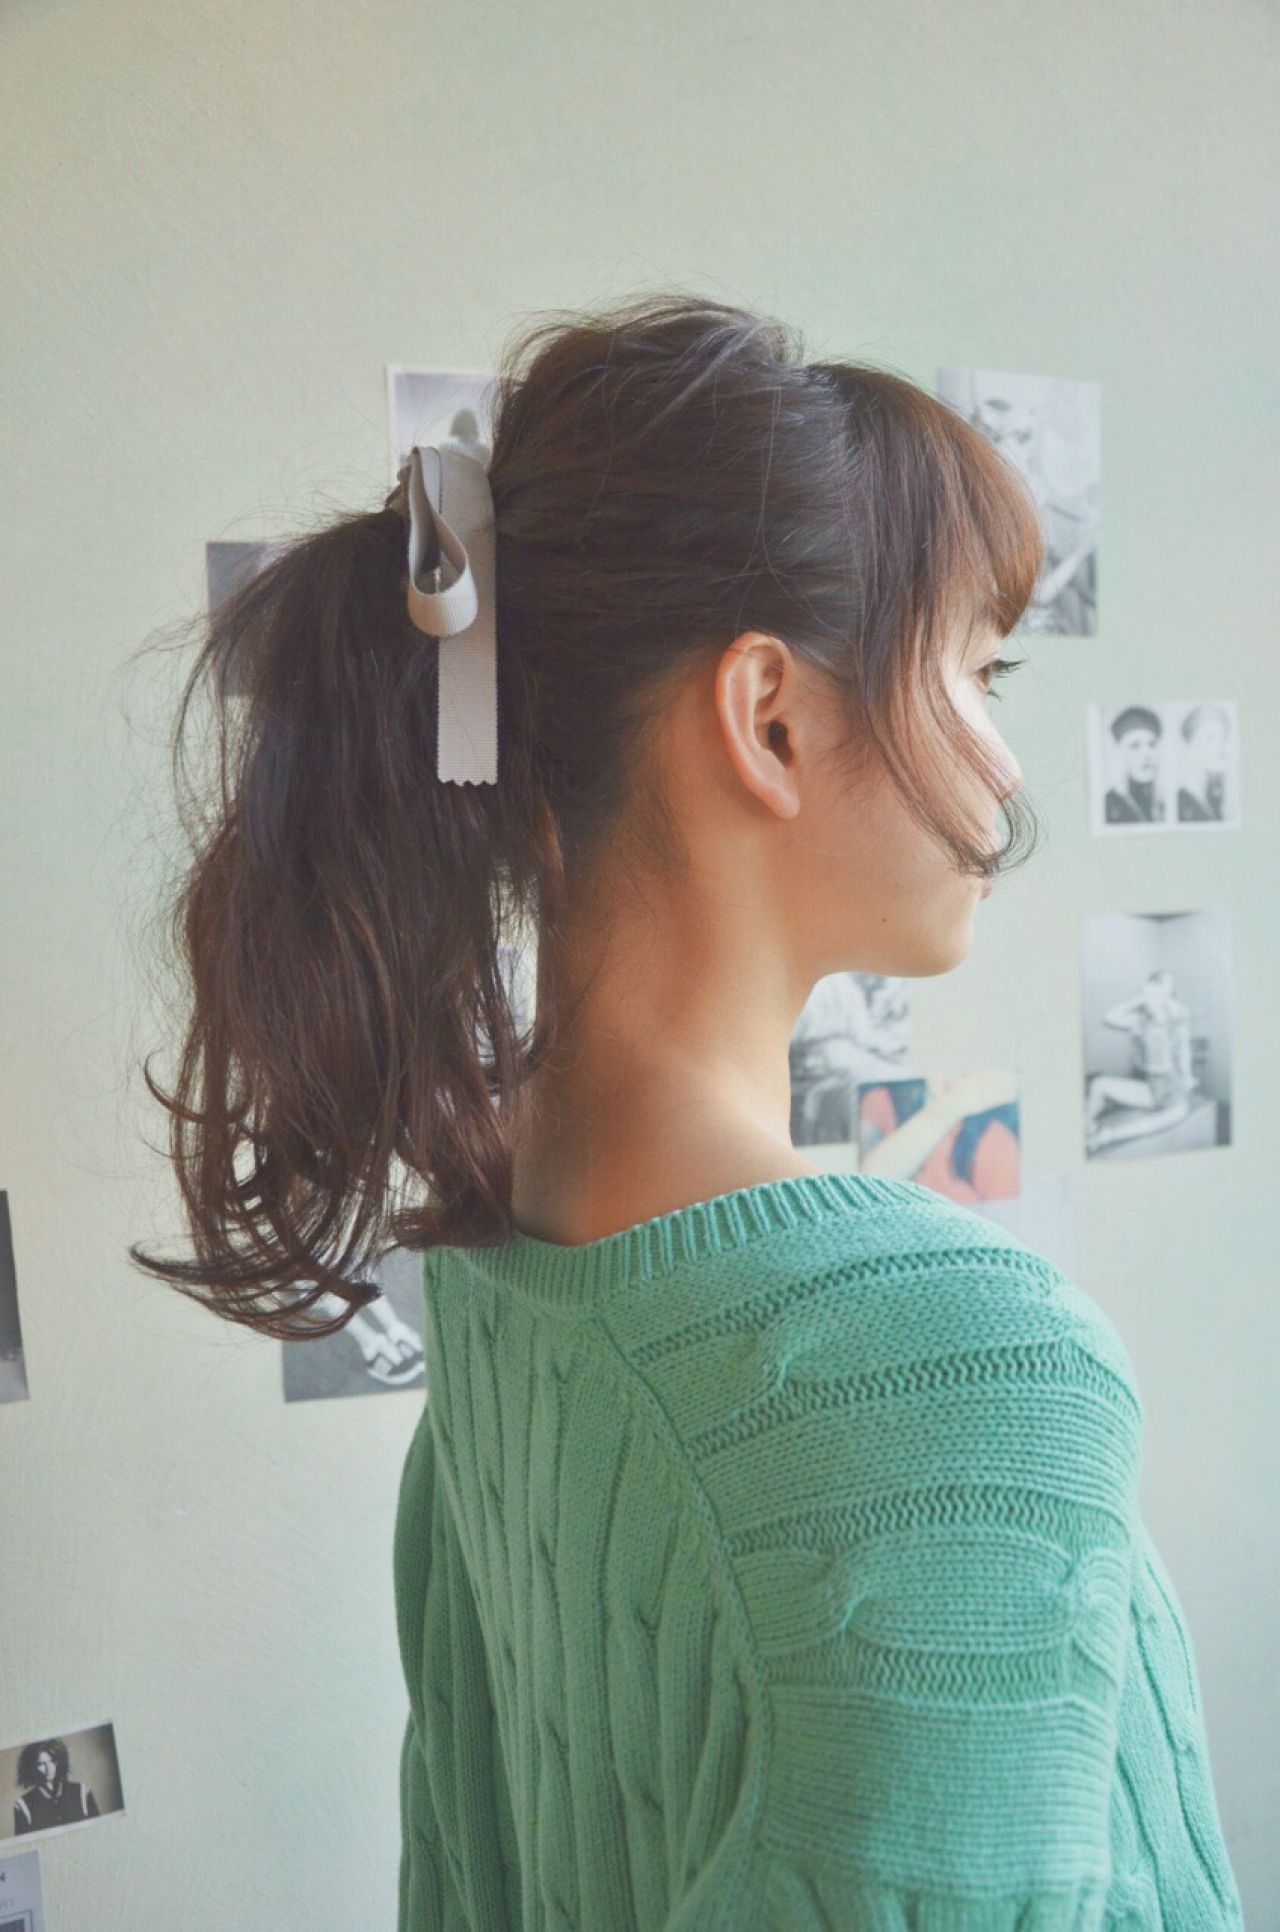 ポニーテールは 触角 で可愛く ちょいテクで差がつくスタイルを伝授 Hair ヘアスタイル ロング ポニーテール 髪型 ポニーテール